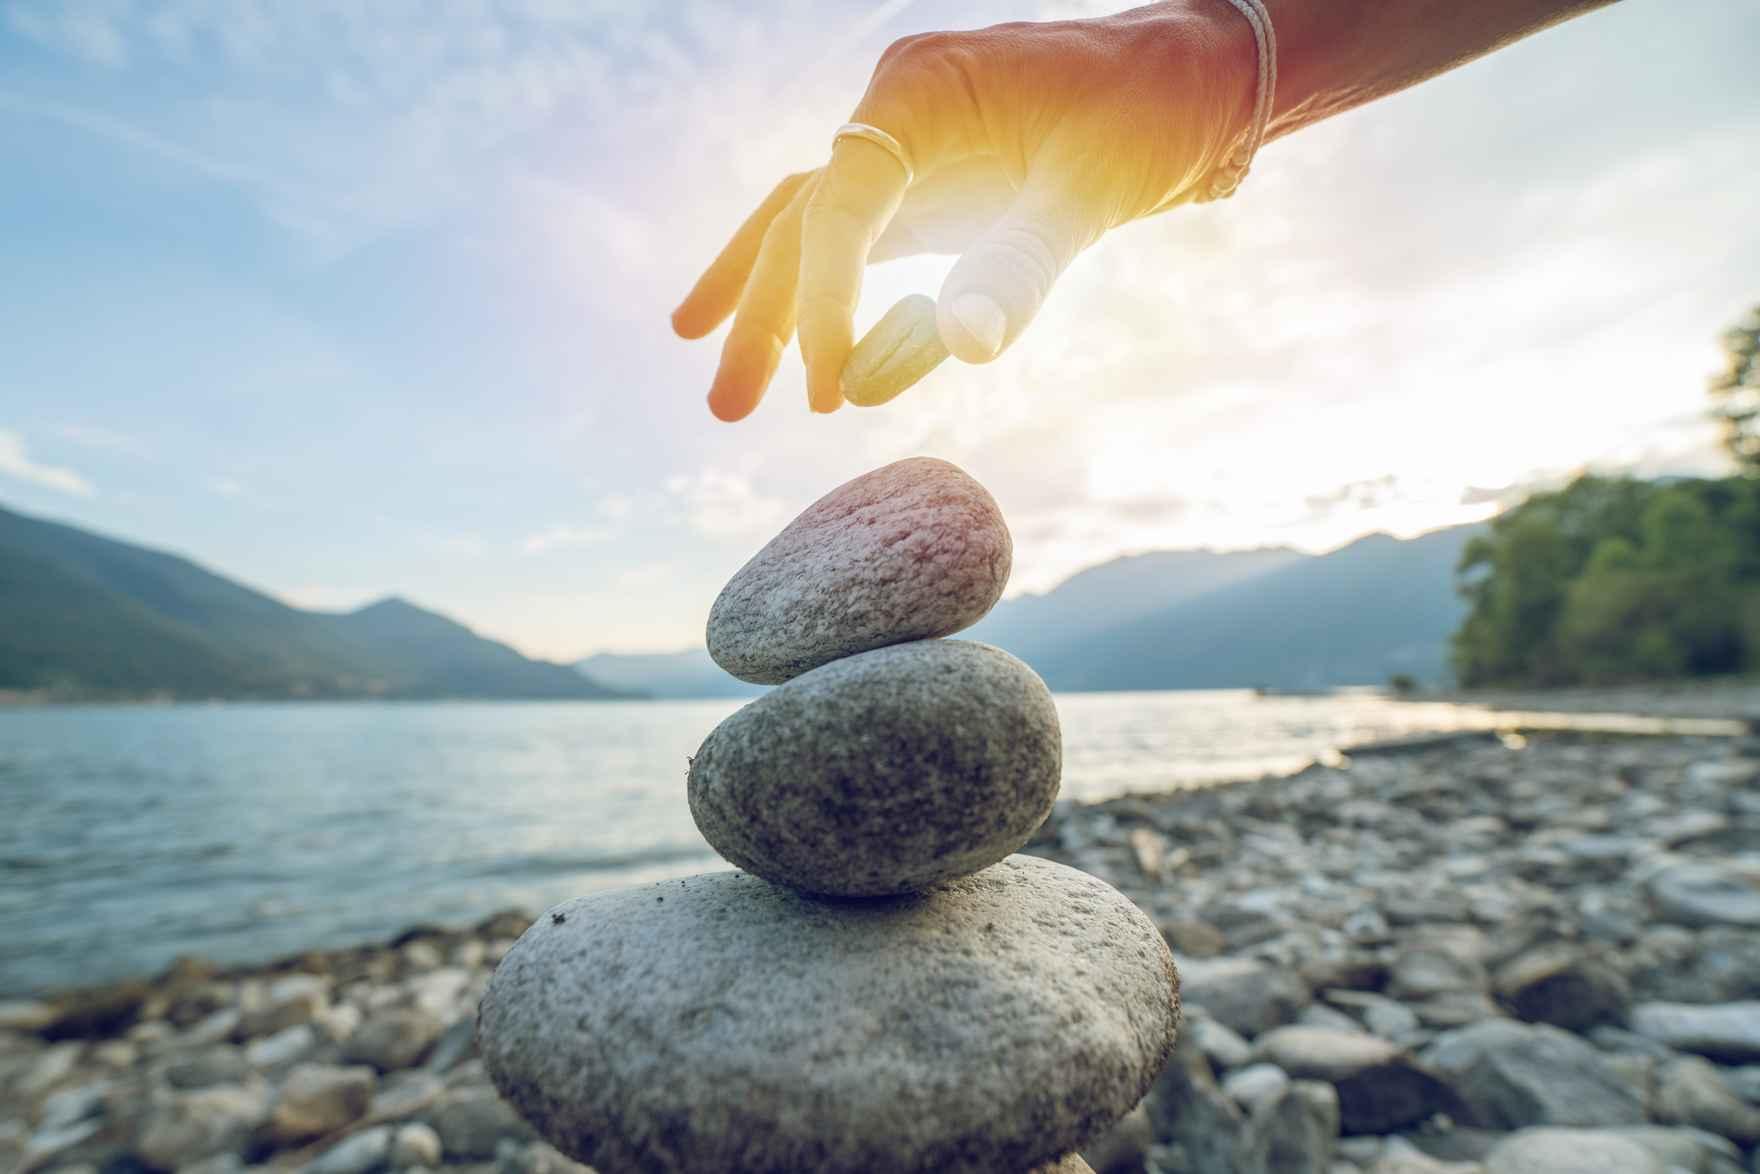 Hånd lægger sten på stenbunke ved sø.jpg